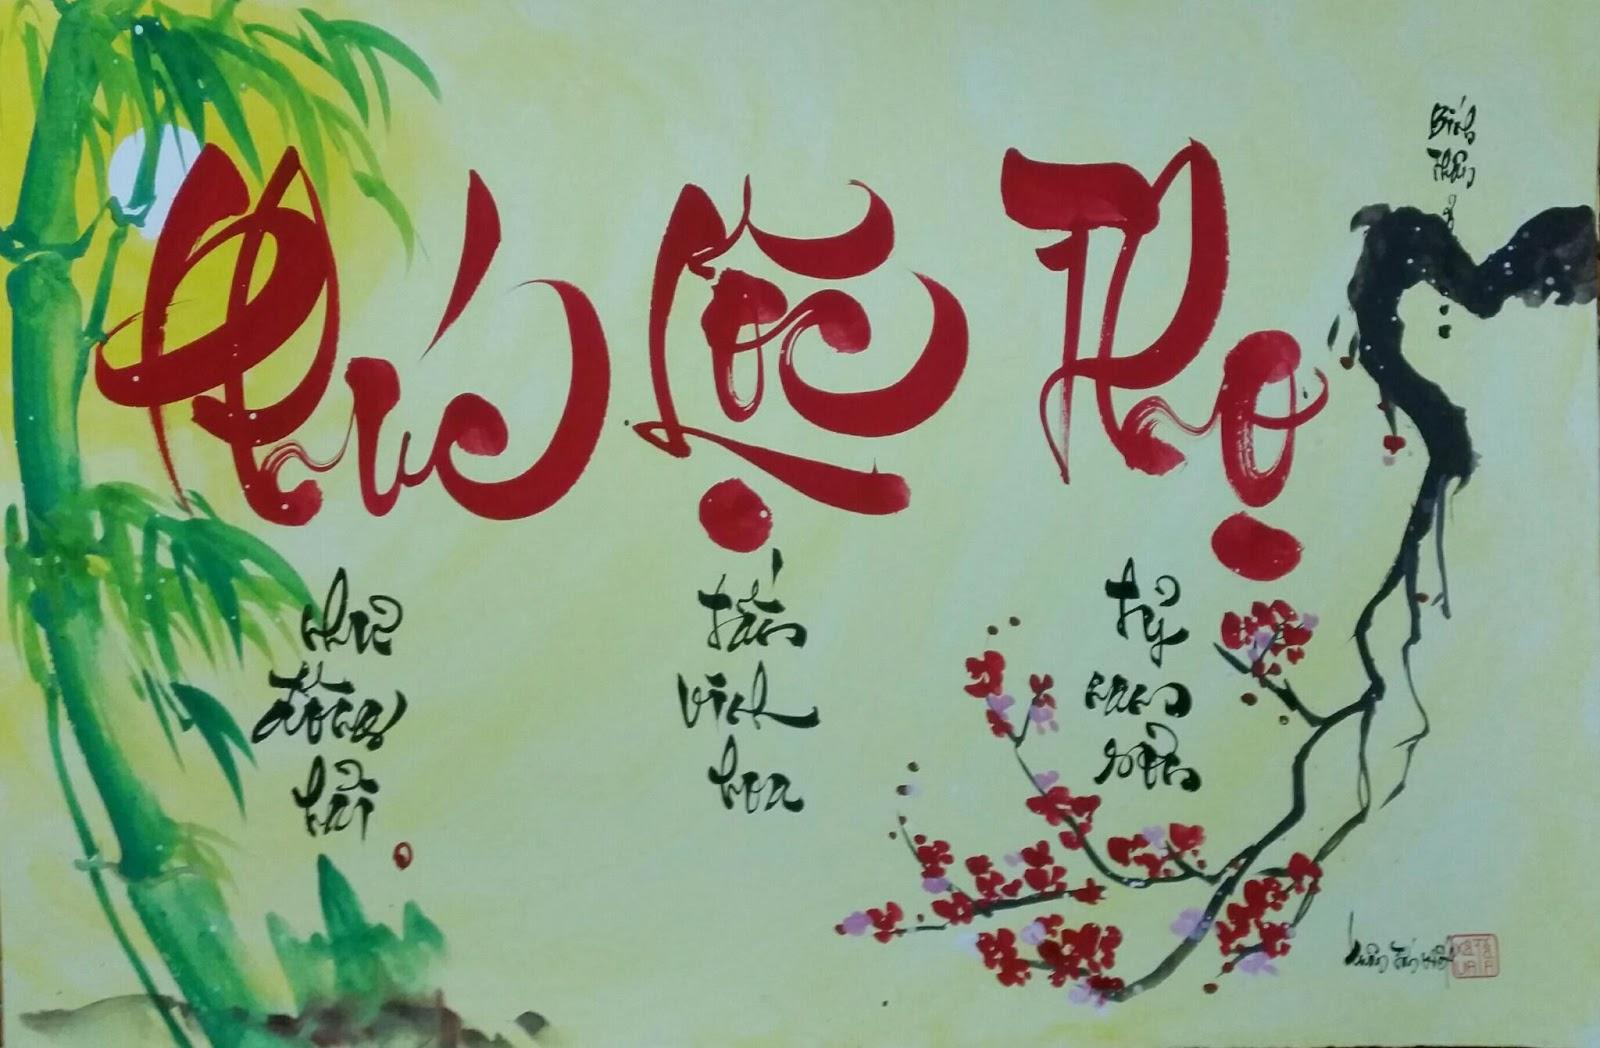 Mùa xuân, suy ngẫm về 'Phúc, Lộc, Thọ'